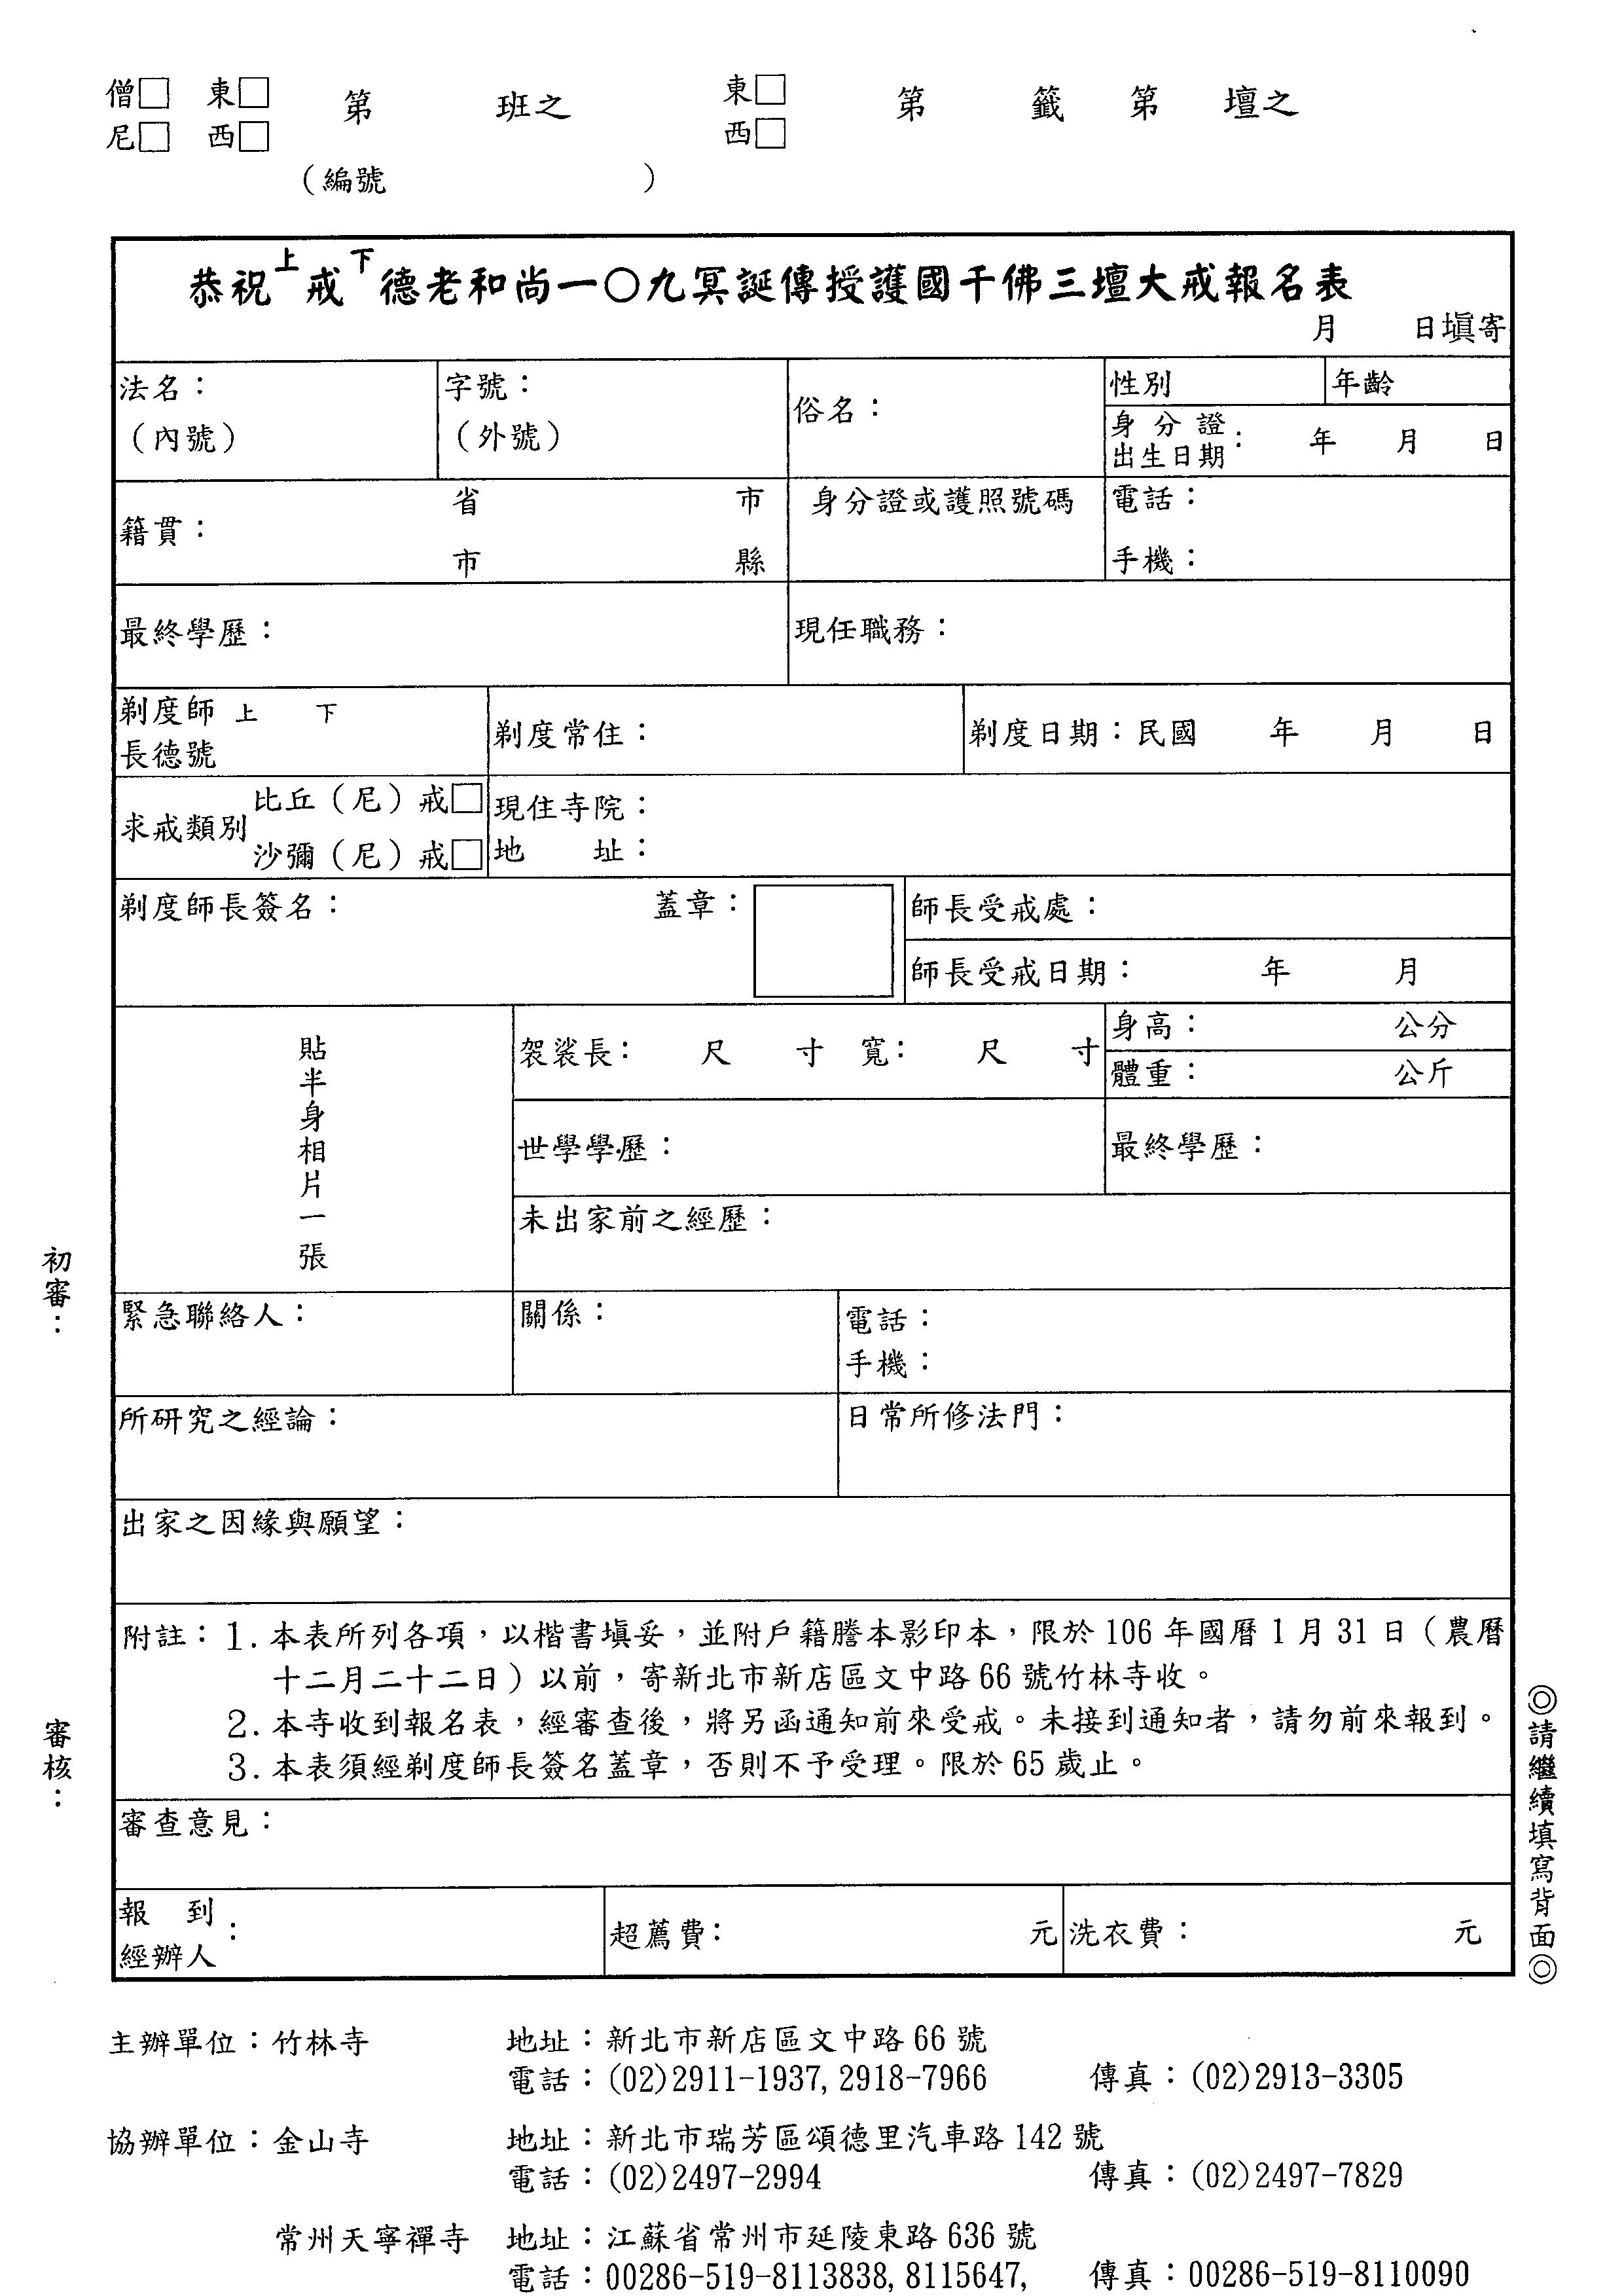 竹林寺 三壇大戒 報名表 正面.jpg